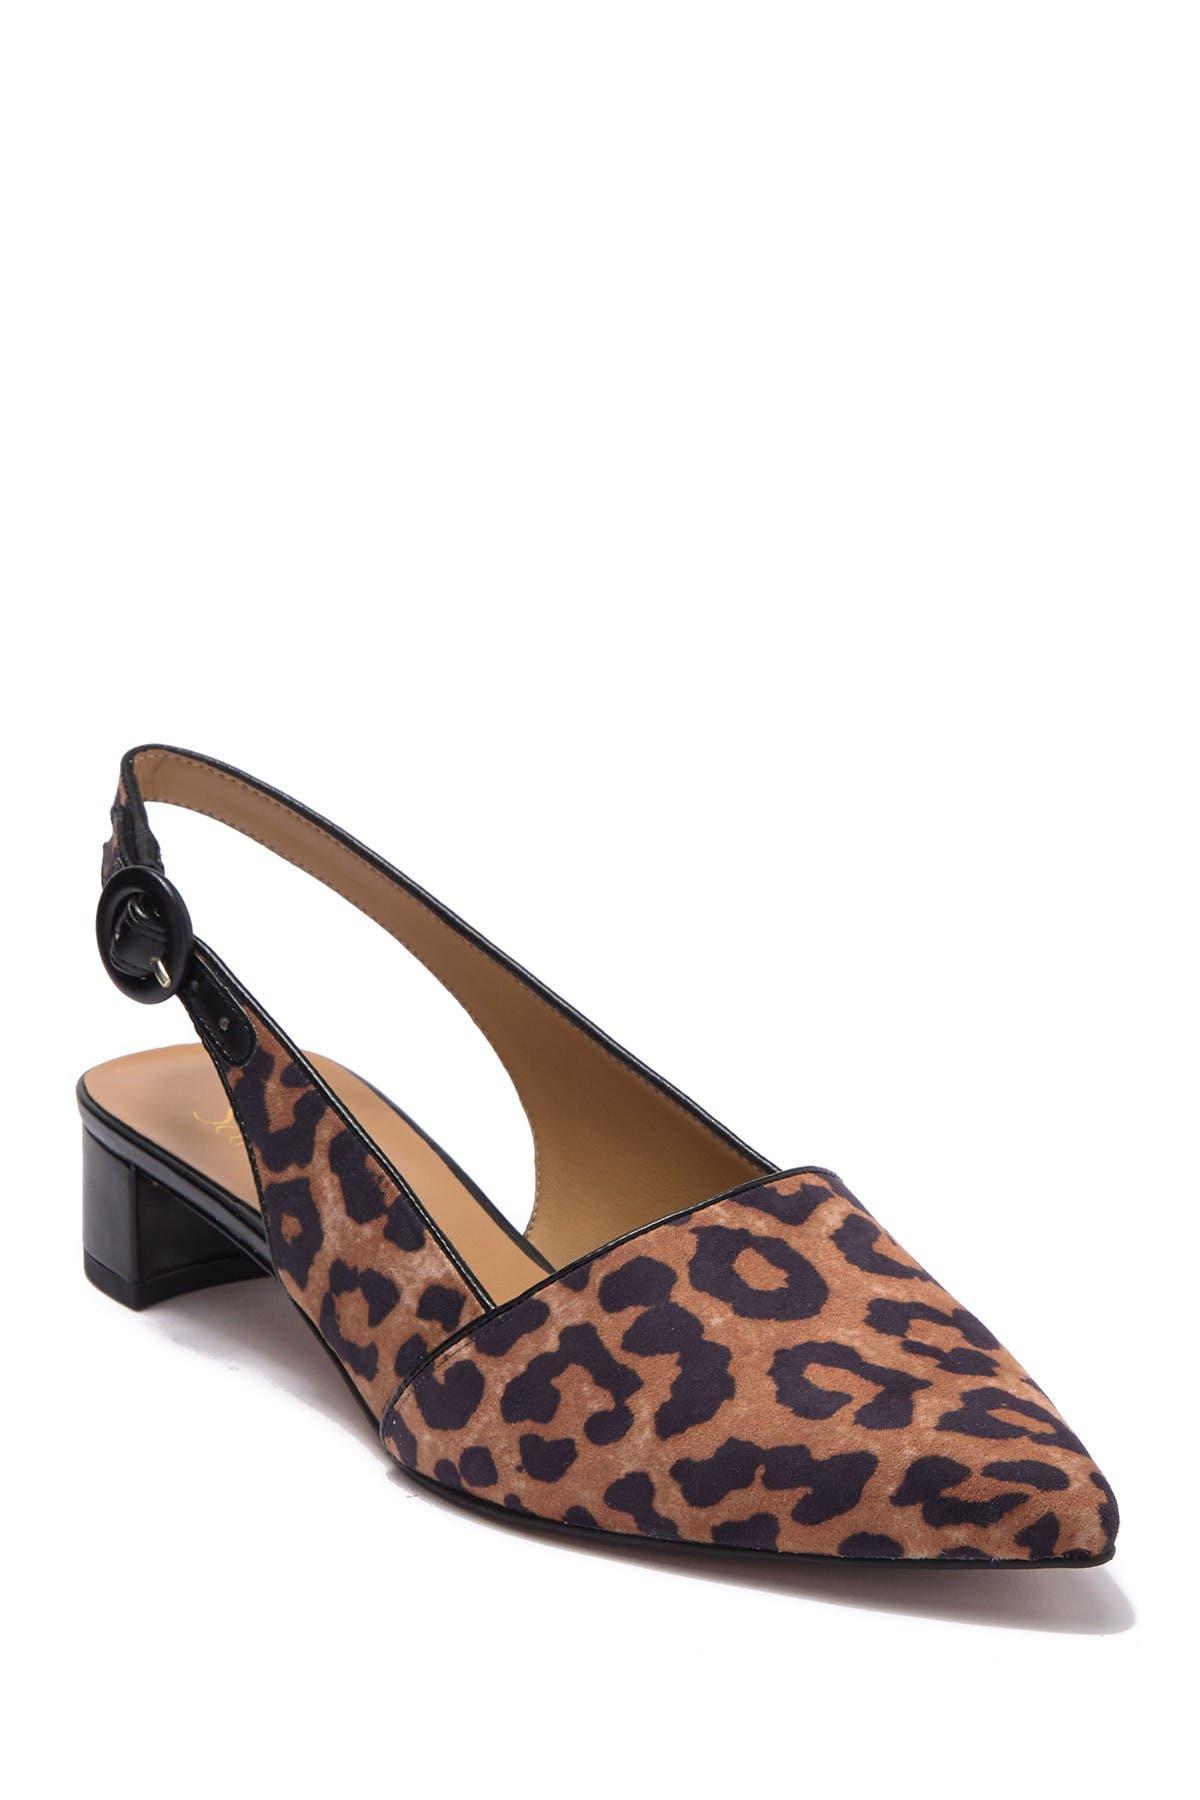 franco sarto leopard print shoes